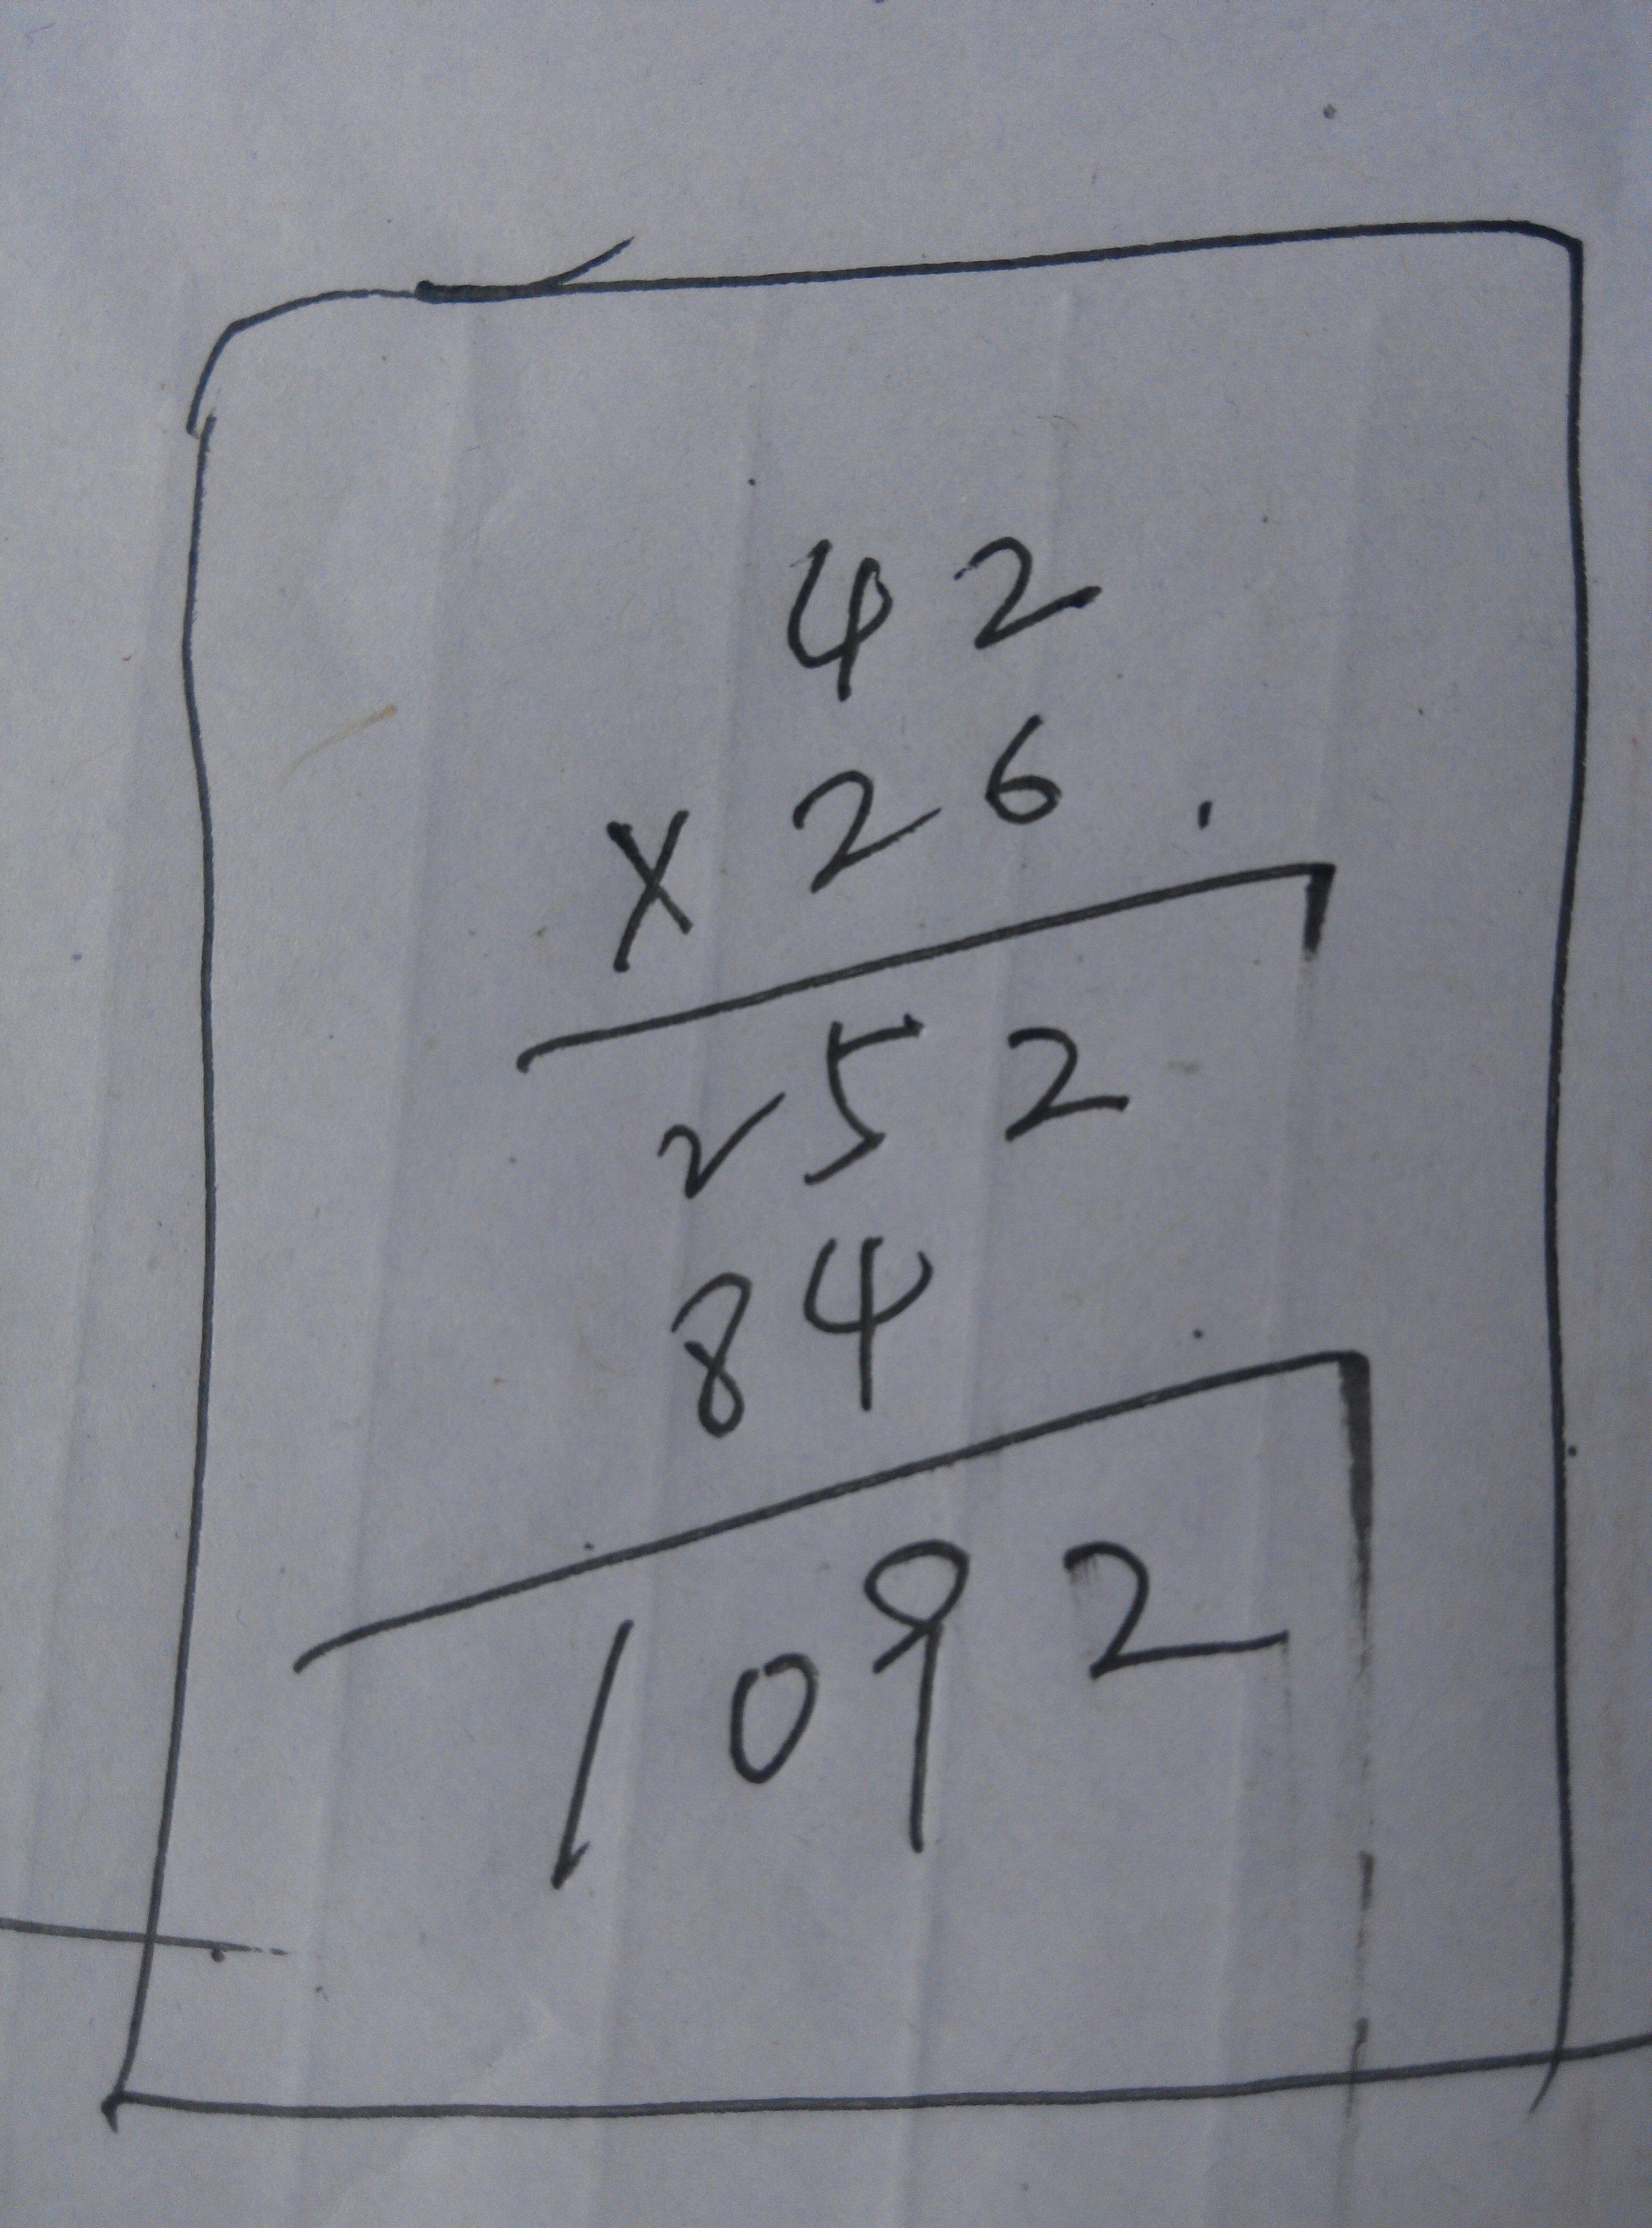 42x26的竖式怎么写(乘法竖式)图片